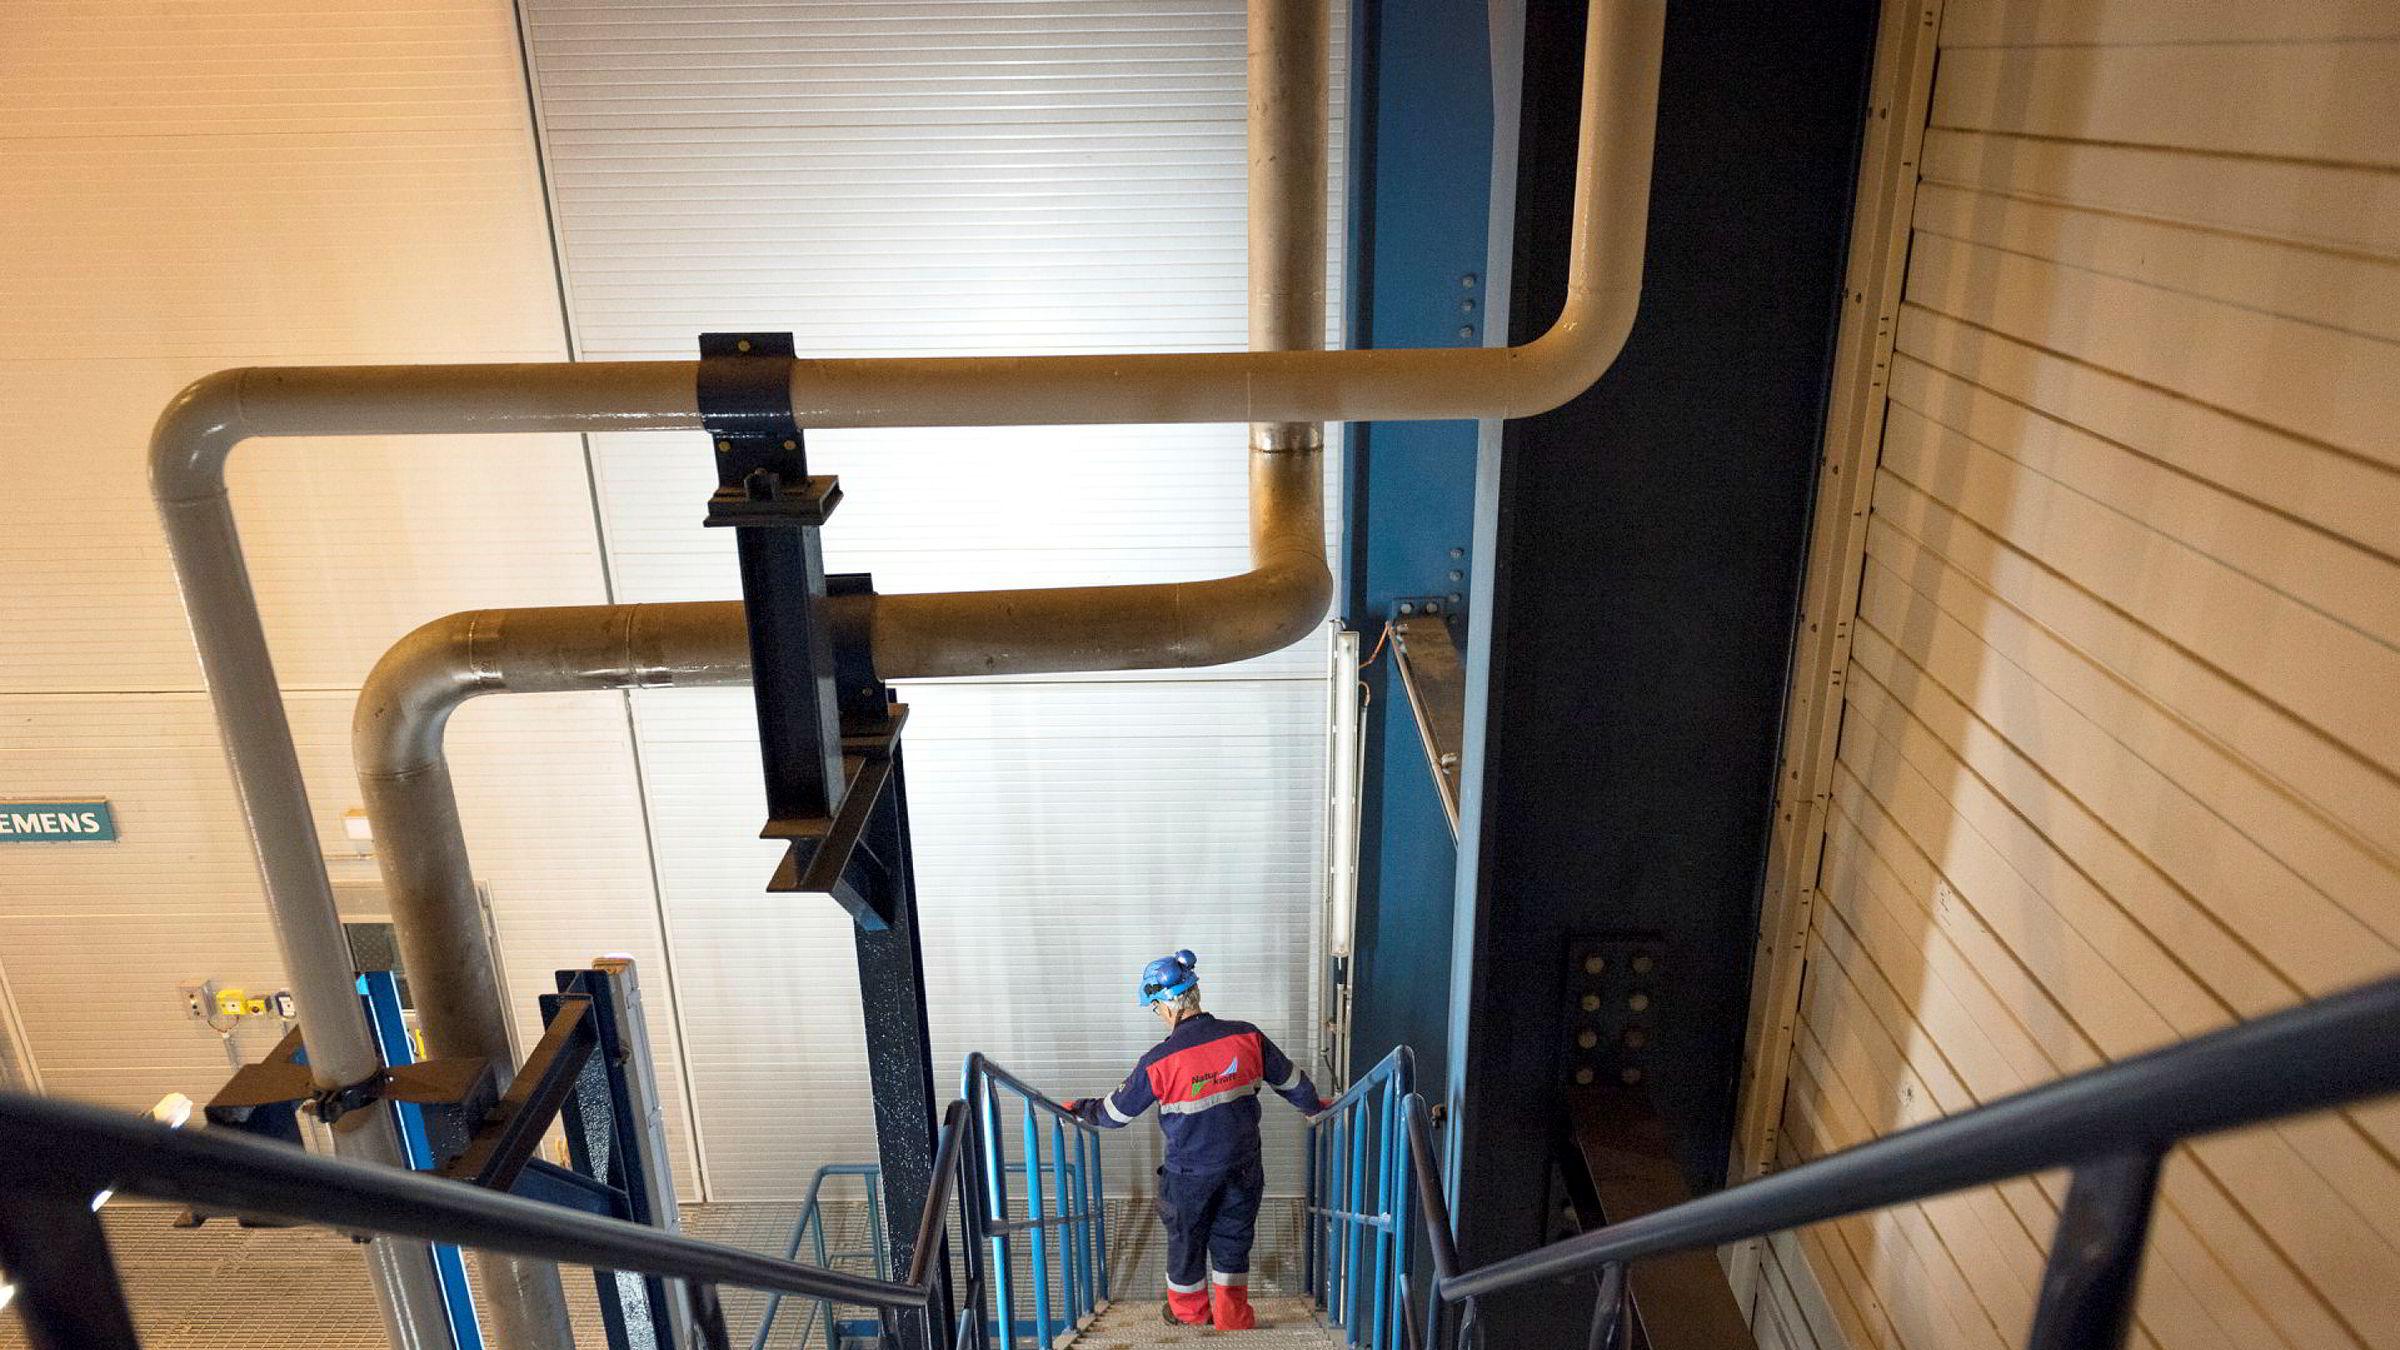 Private investorer kjøpte i 2010 og 2011 andeler i Gassled, et rørledningssystem som frakter og prosesserer gass fra feltene. Selgerne var og er brukere av ledningen, og kjøpesummen ble bestemt ut fra antagelser om fremtidig volum og pris (tariff) ved bruk av ledningen, skriver Gøril Bjerkan.